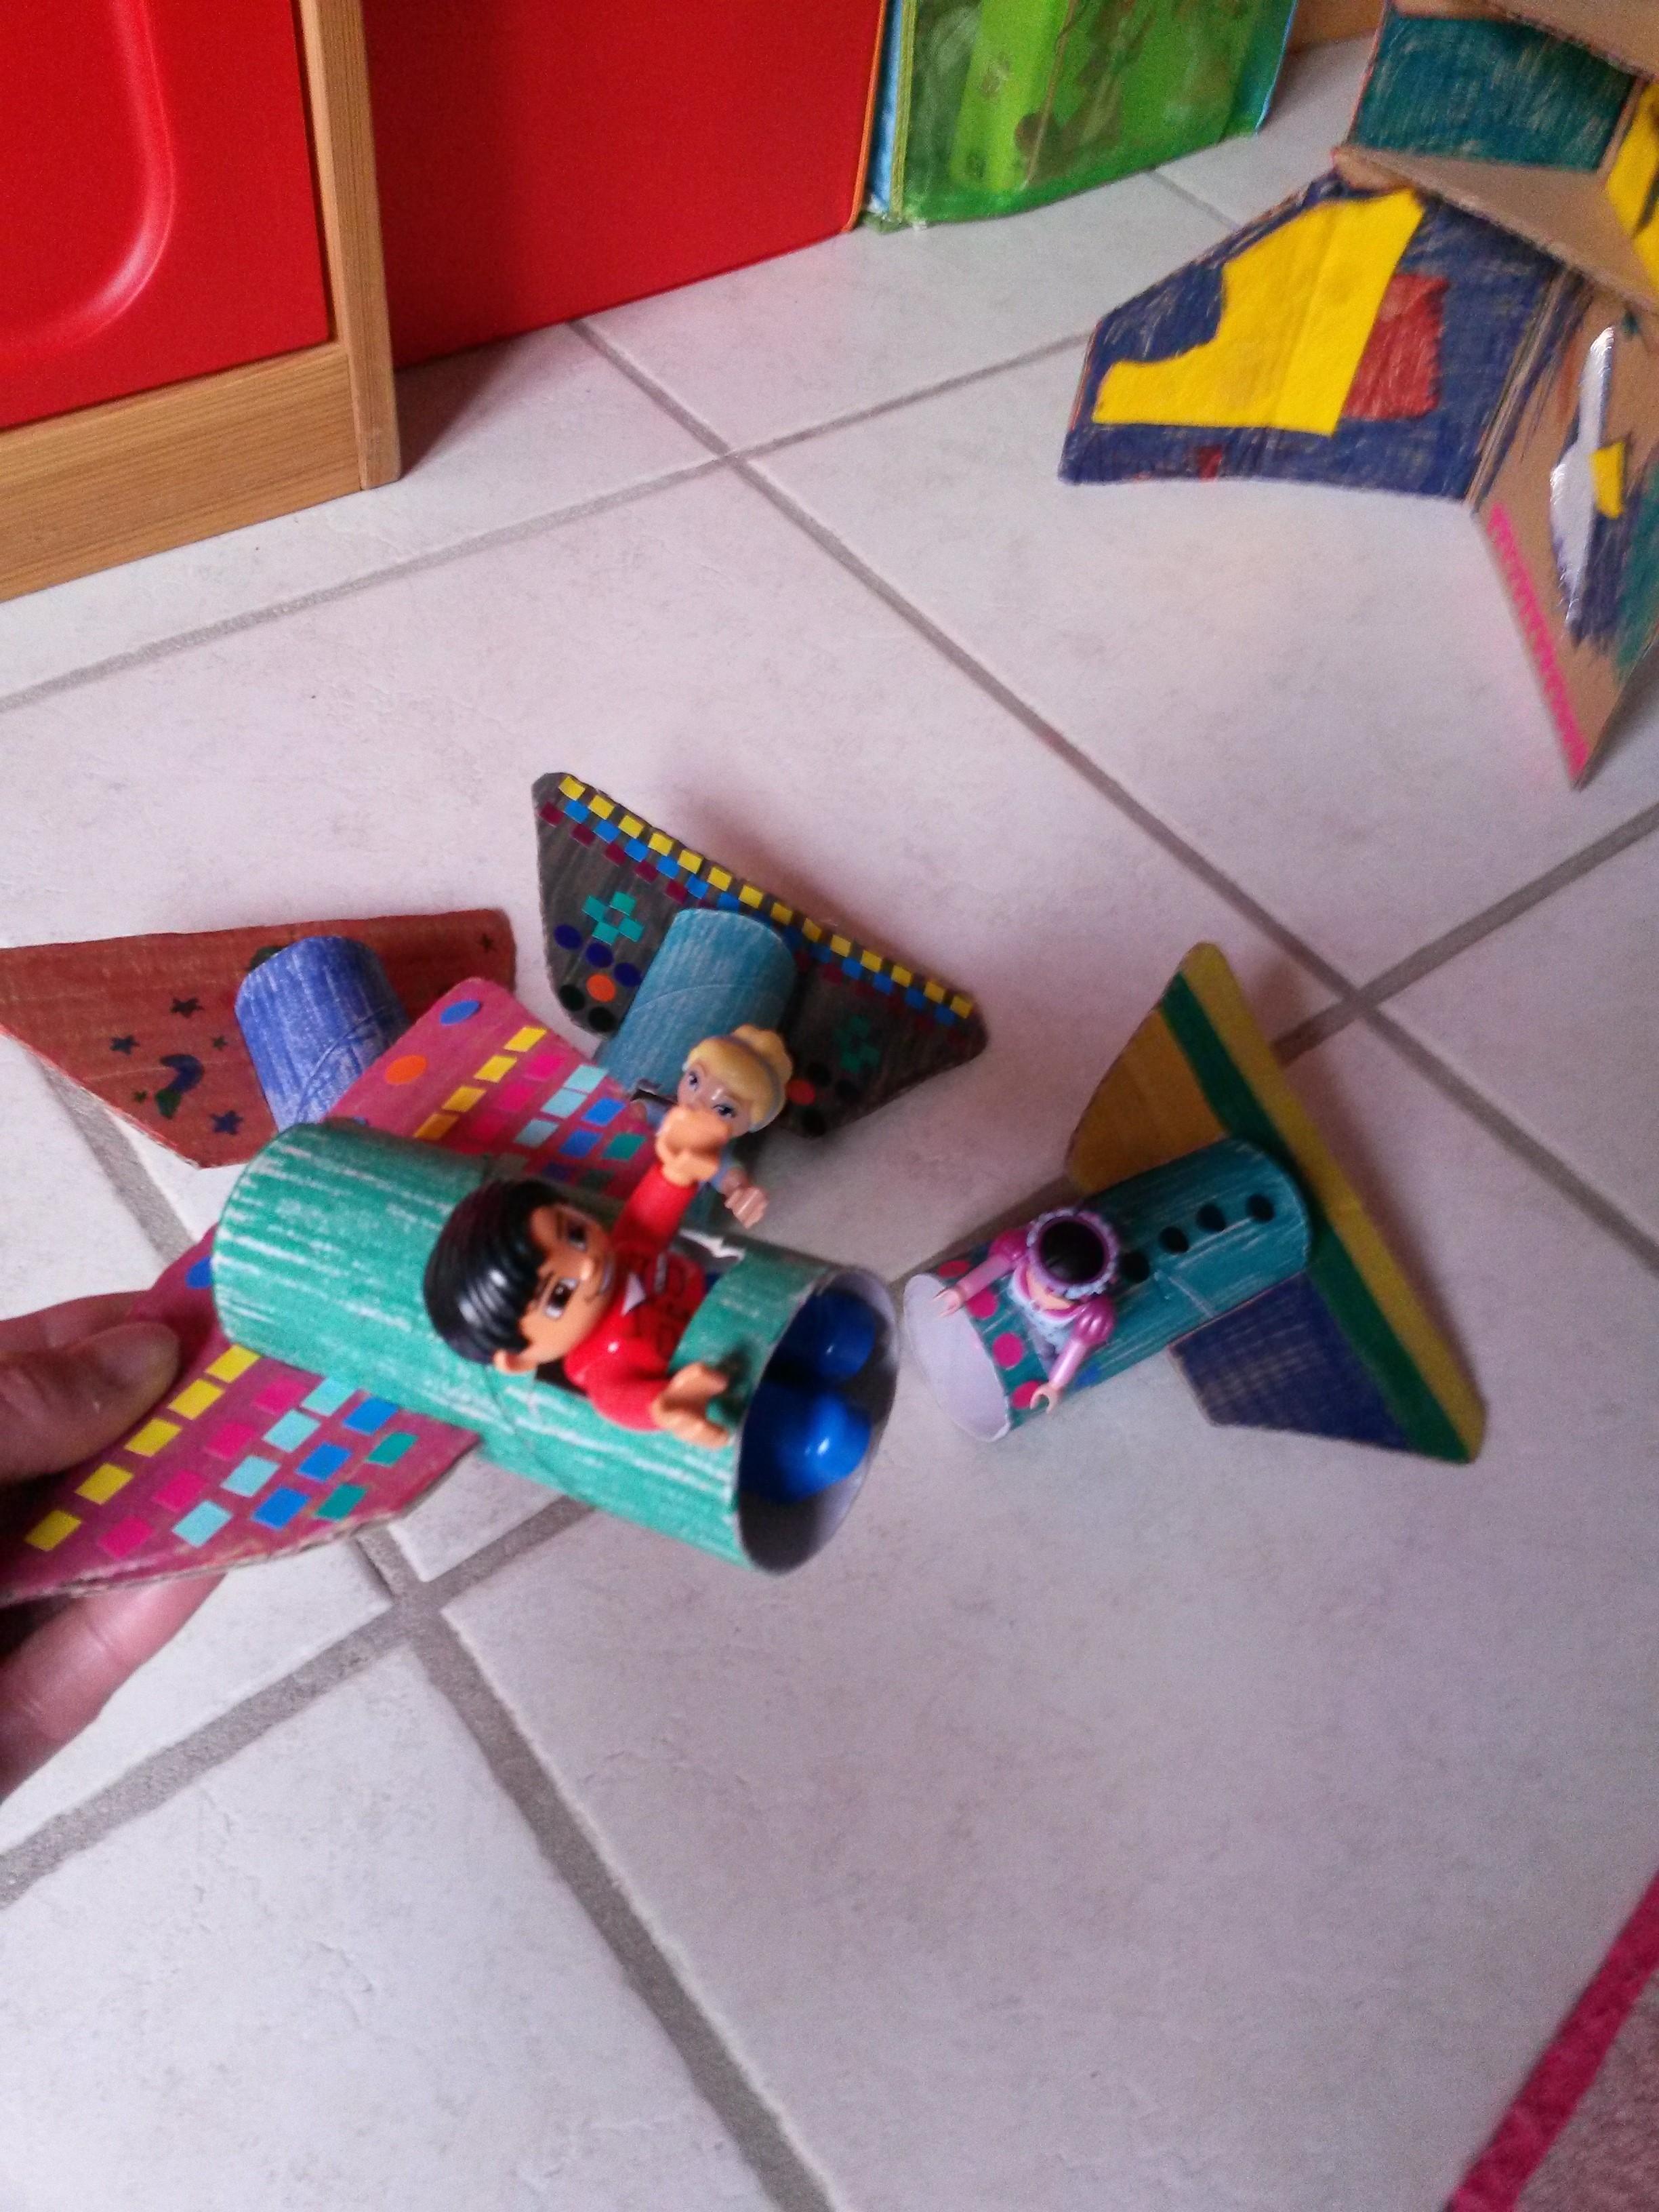 Carton À Faire 3 Constructions En Enfants Avec Les 1cFlJKT3